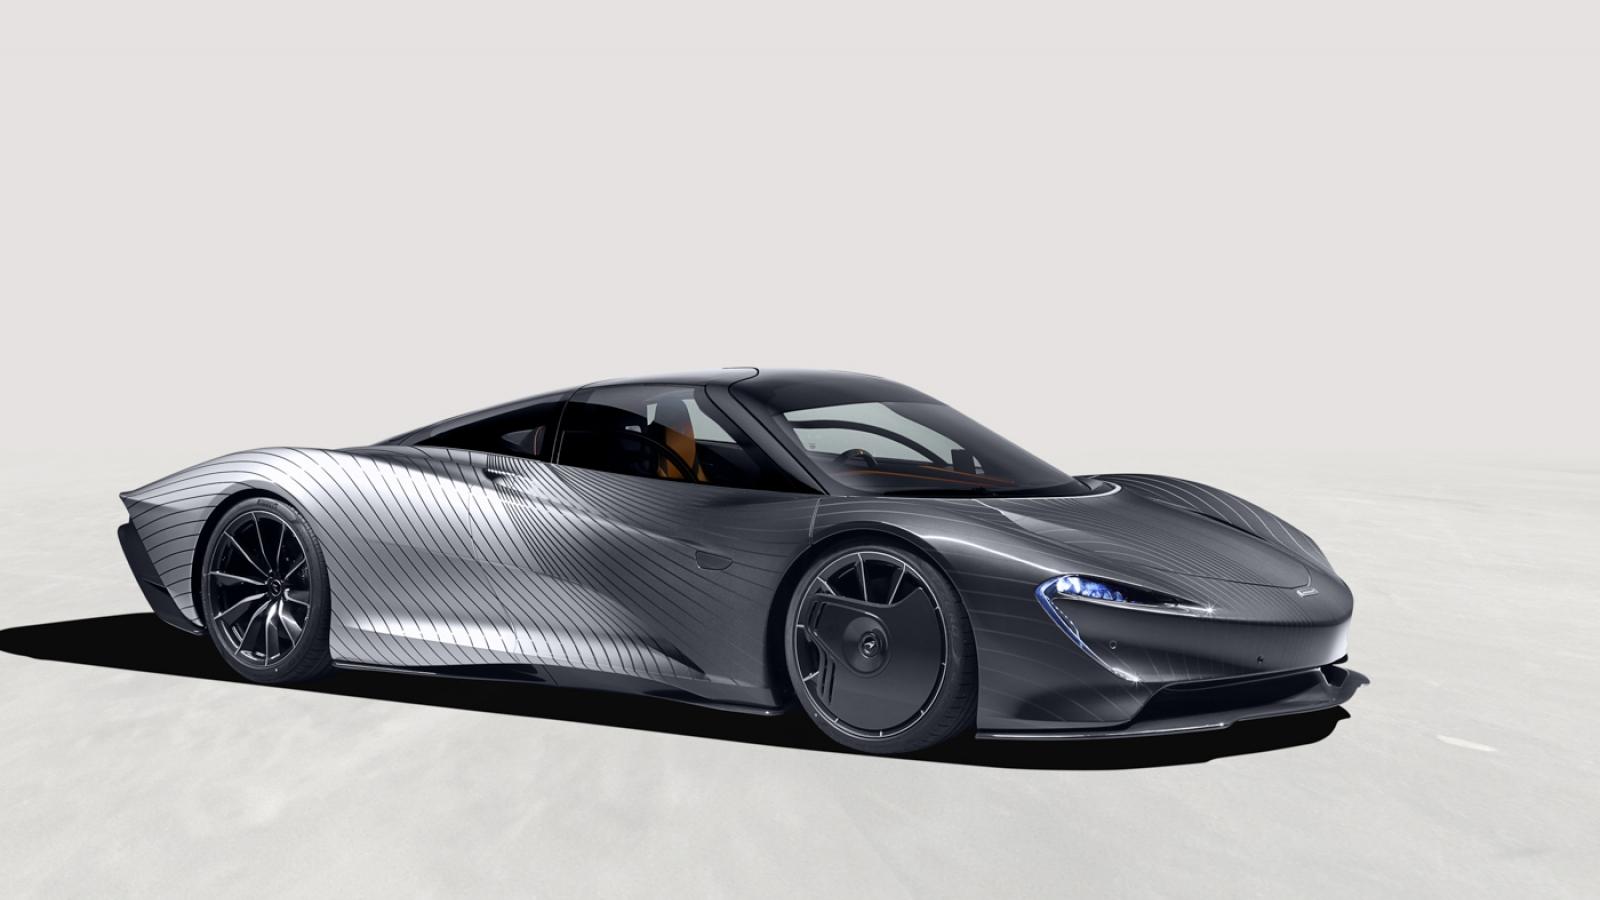 McLaren Speedtail cuối cùng xuất xưởng với giá hơn 2 triệu USD